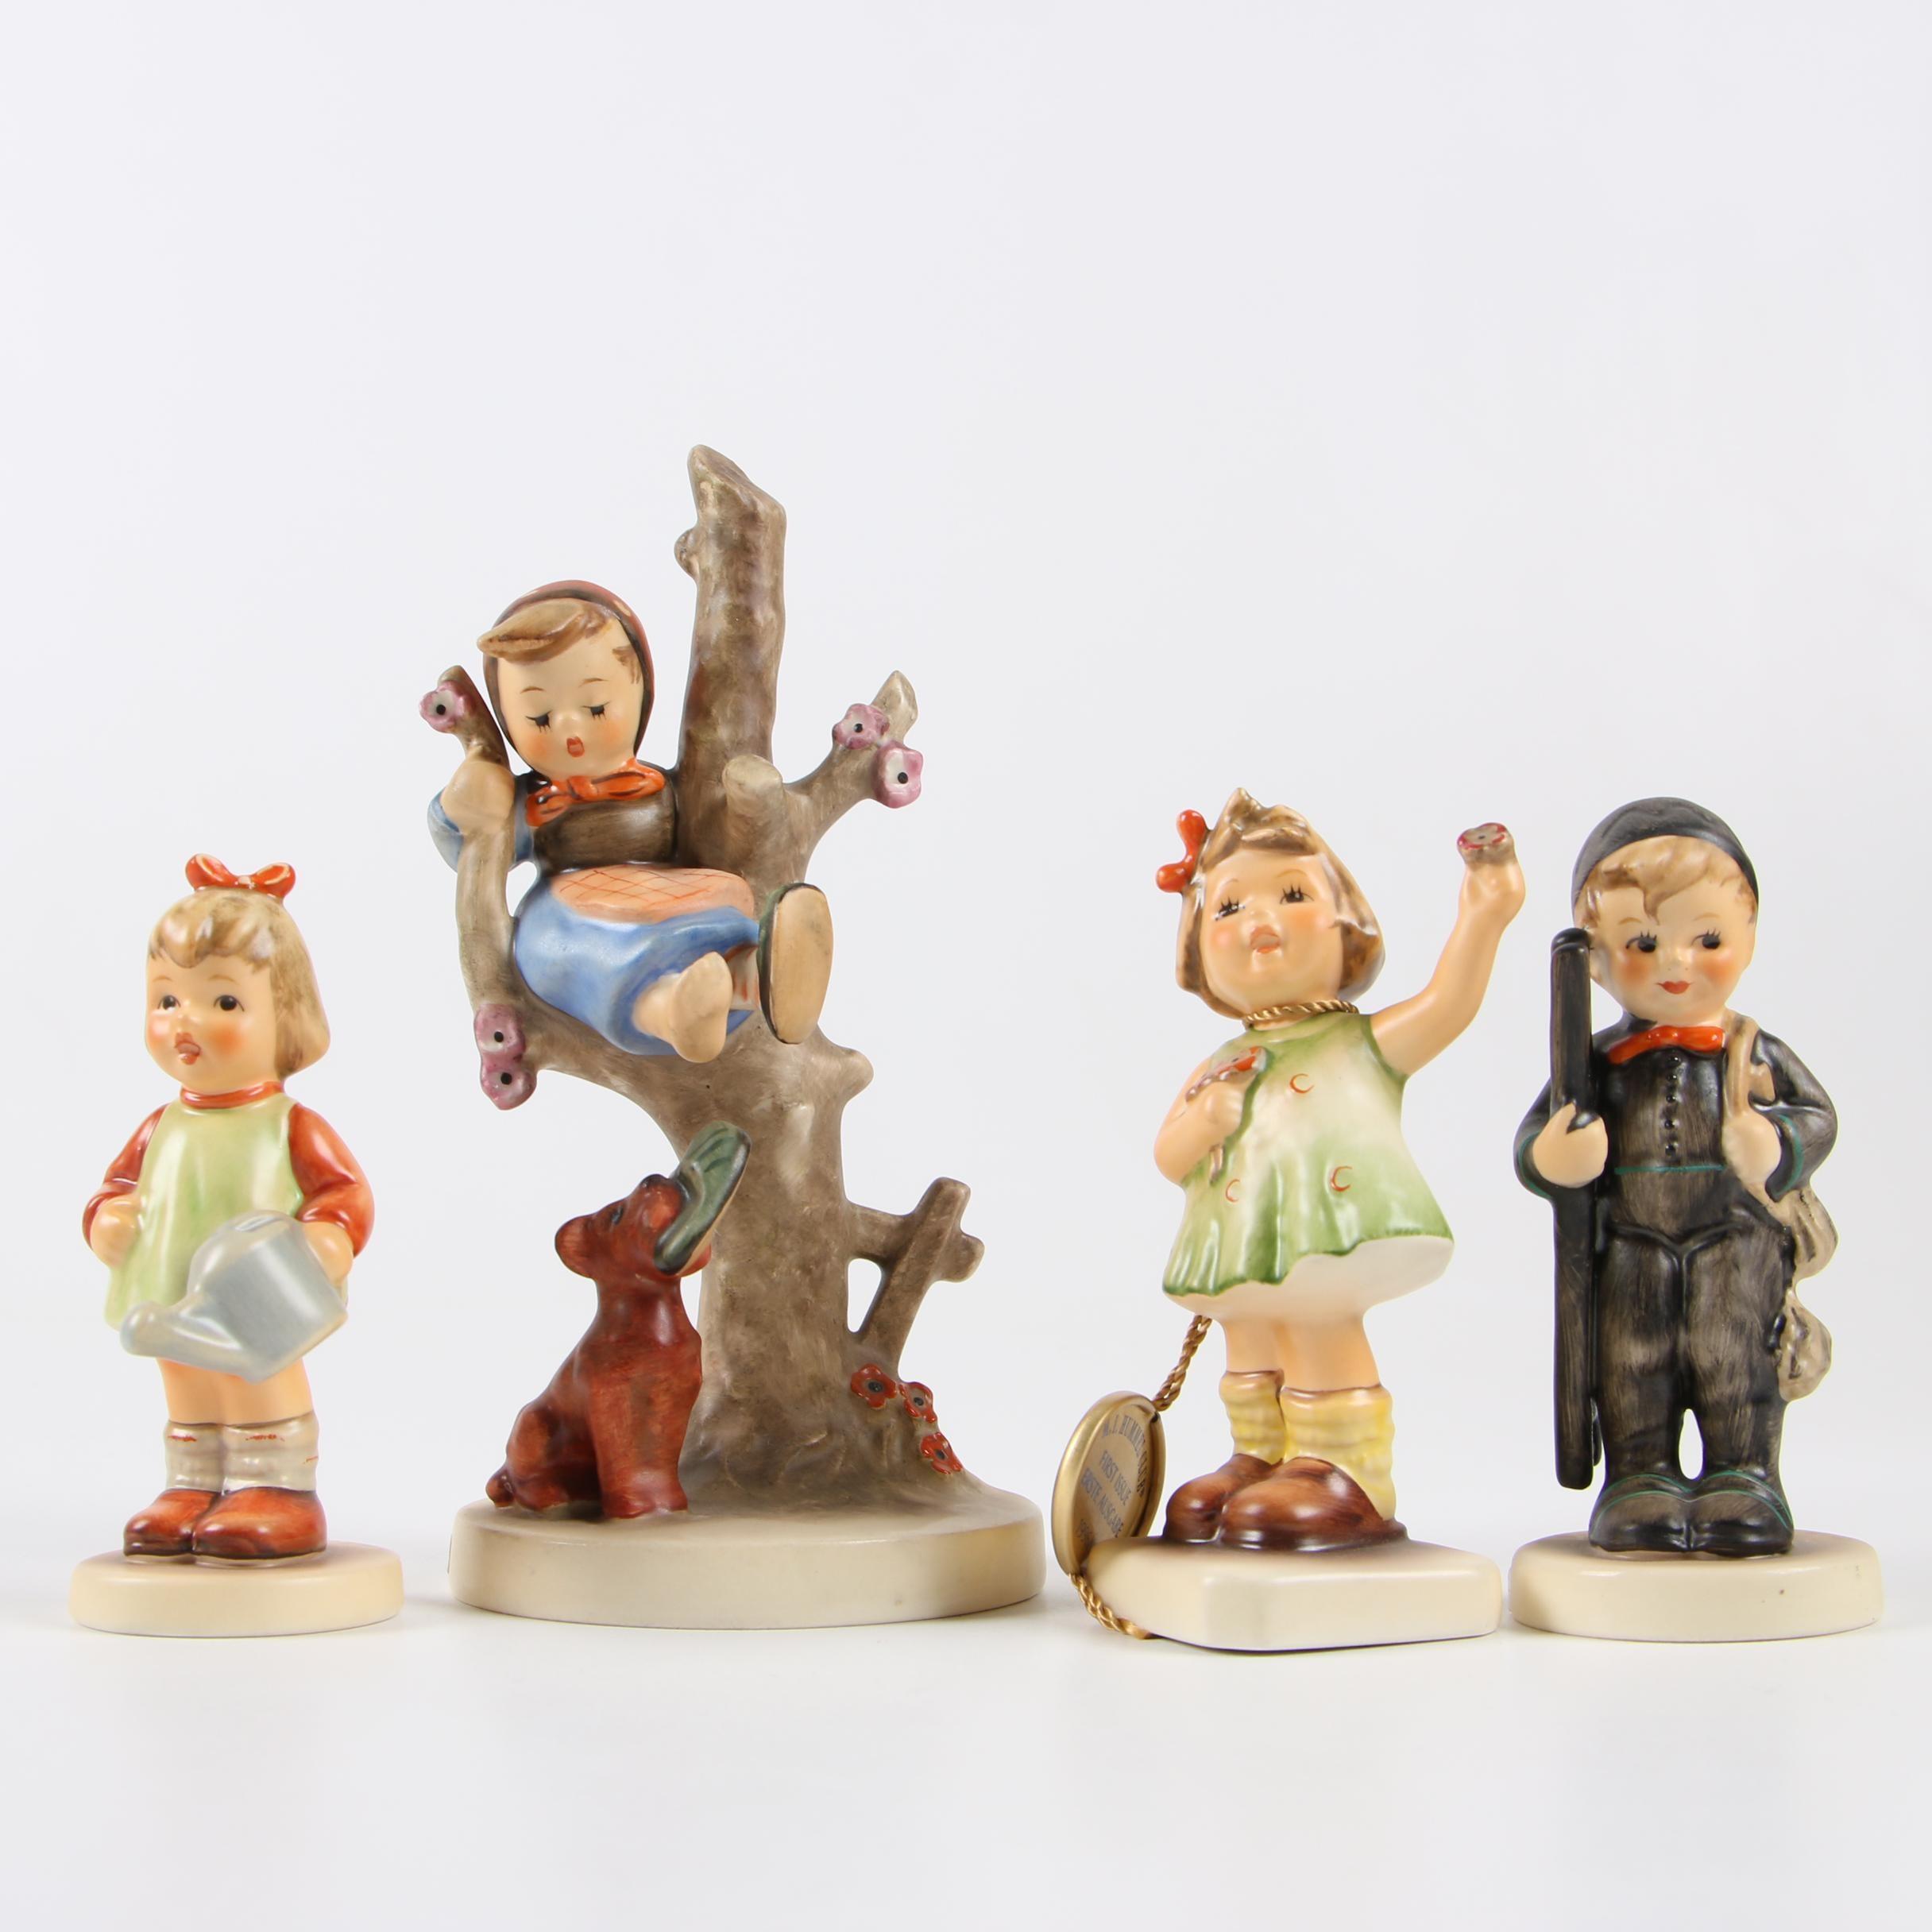 """Goebel Hummel Porcelain Figurines featuring """"Out of Danger"""""""